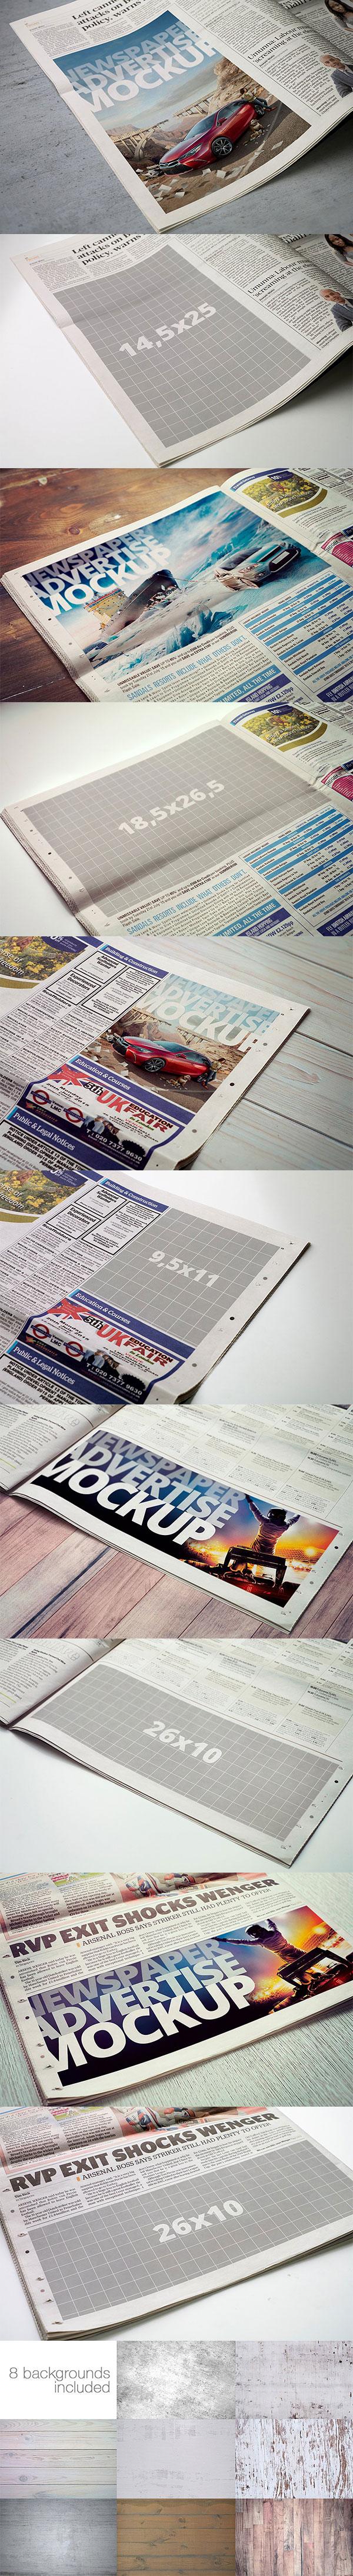 报纸广告样机